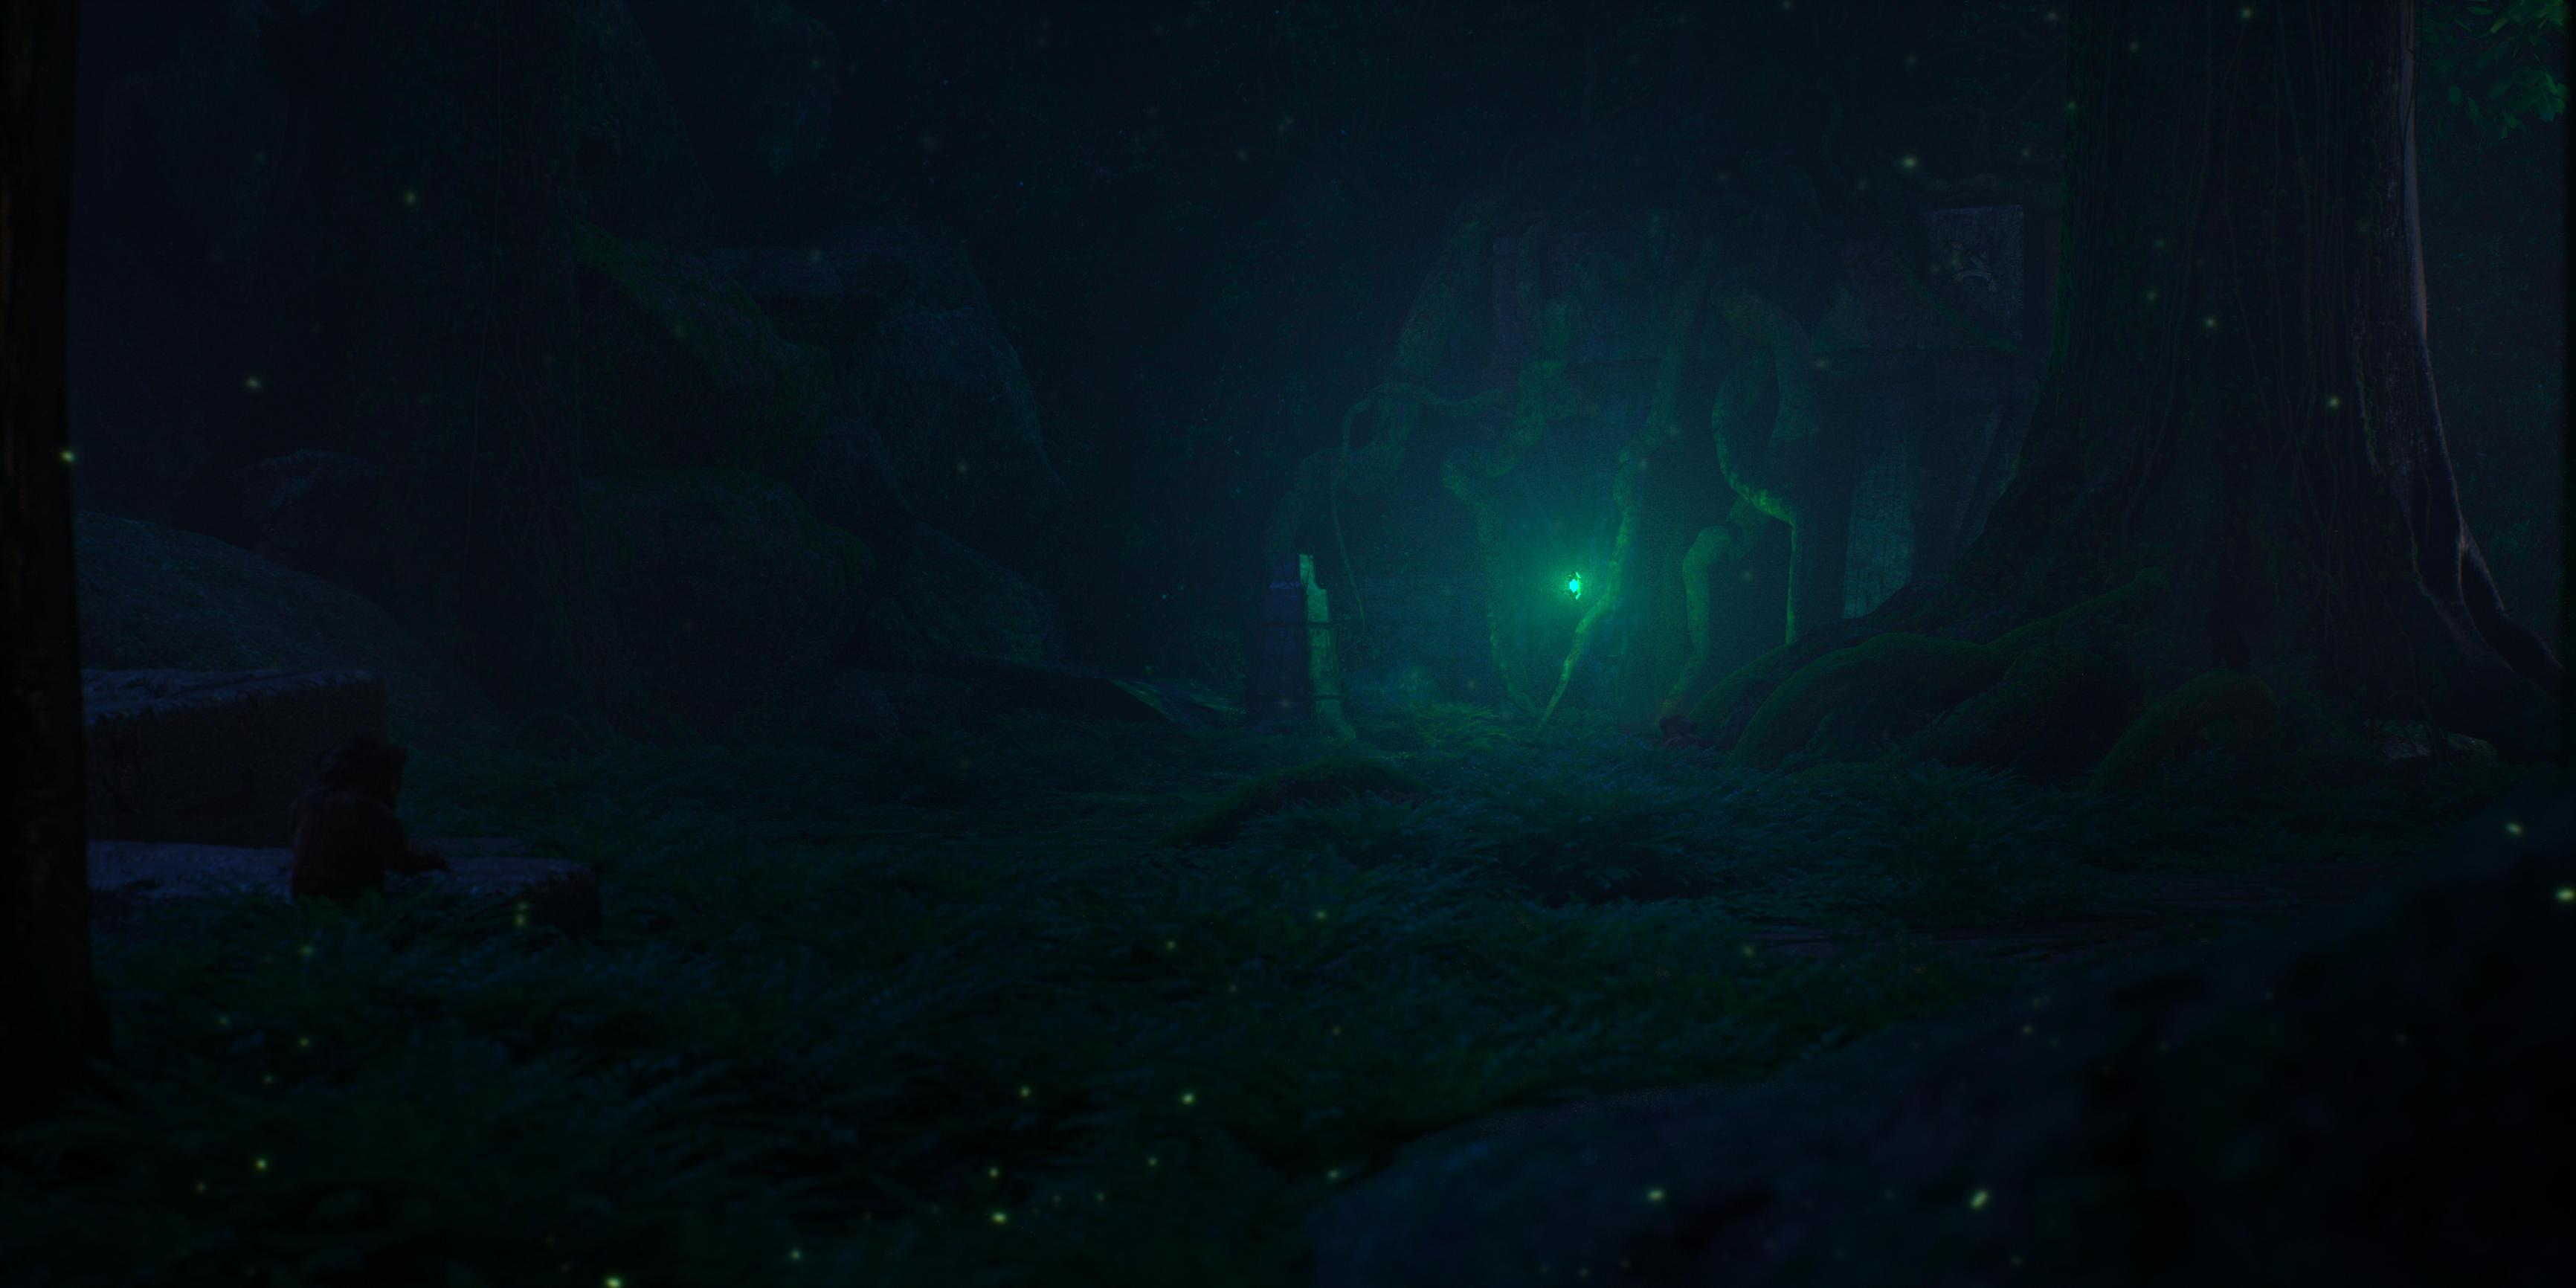 Vaal Ruins Night by Raelsatu